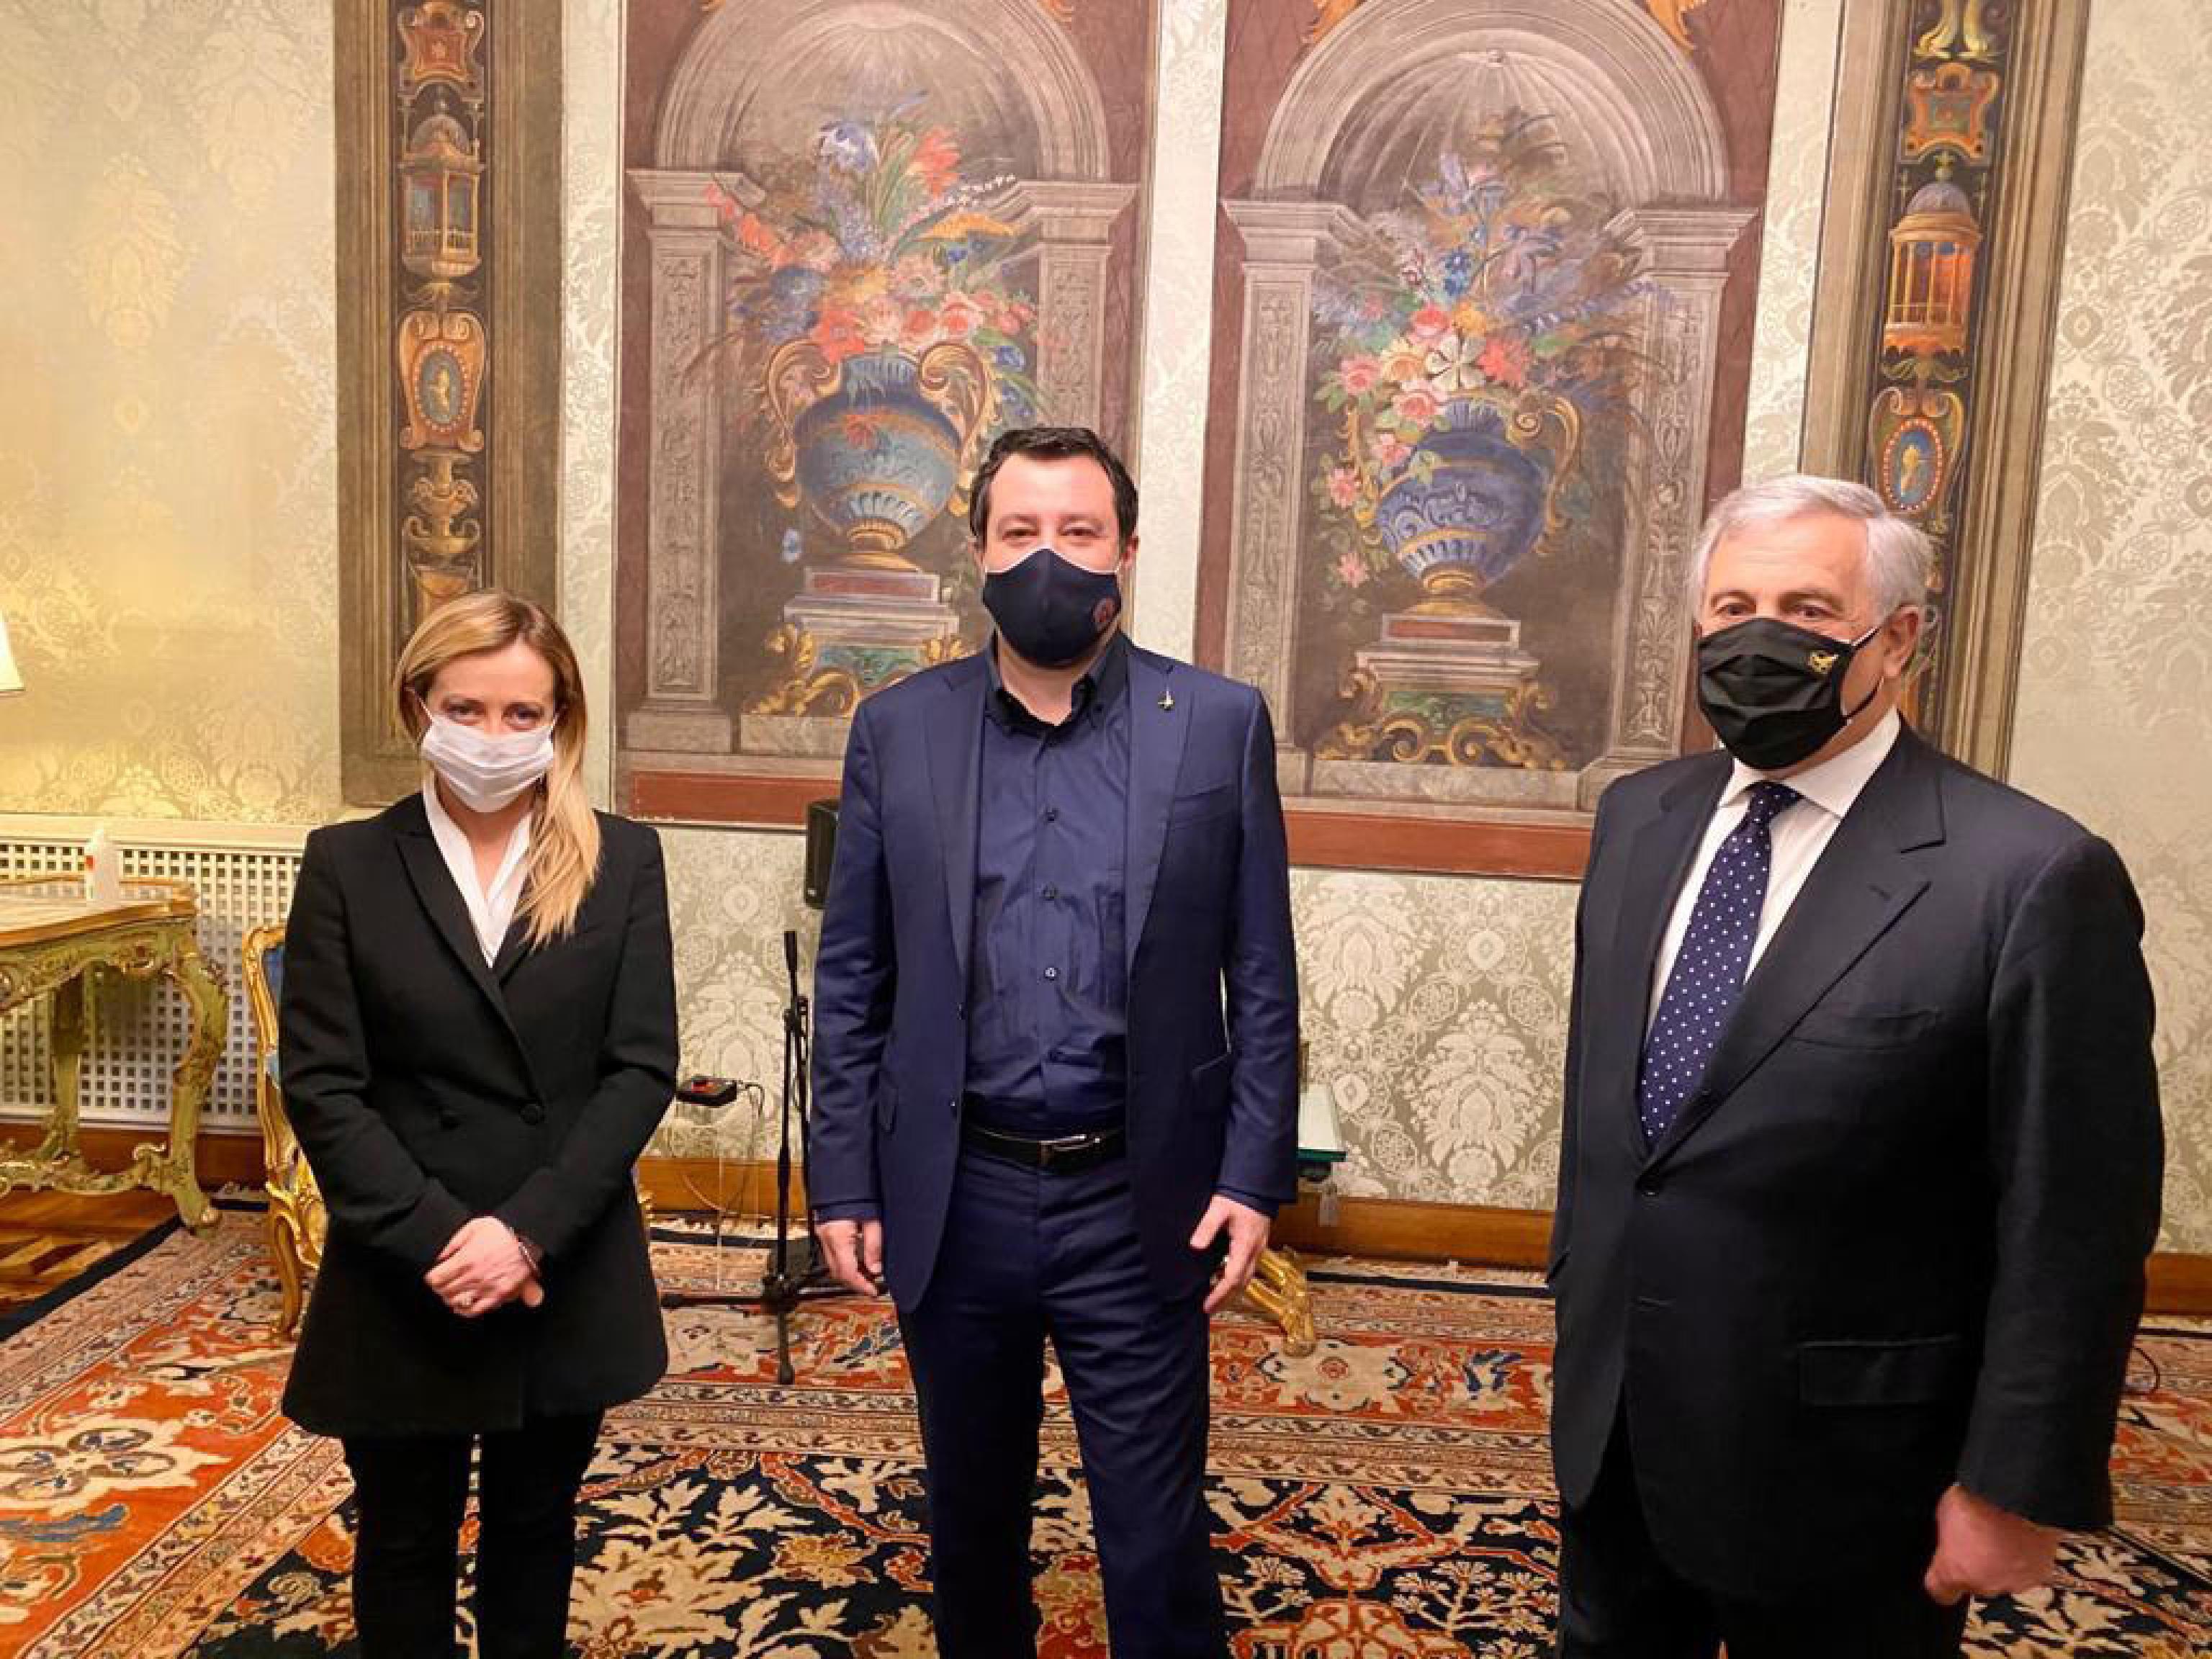 Crisi di governo, il centrodestra a colloquio da Mattarella: «Non si può lavorare con questo Parlamento»